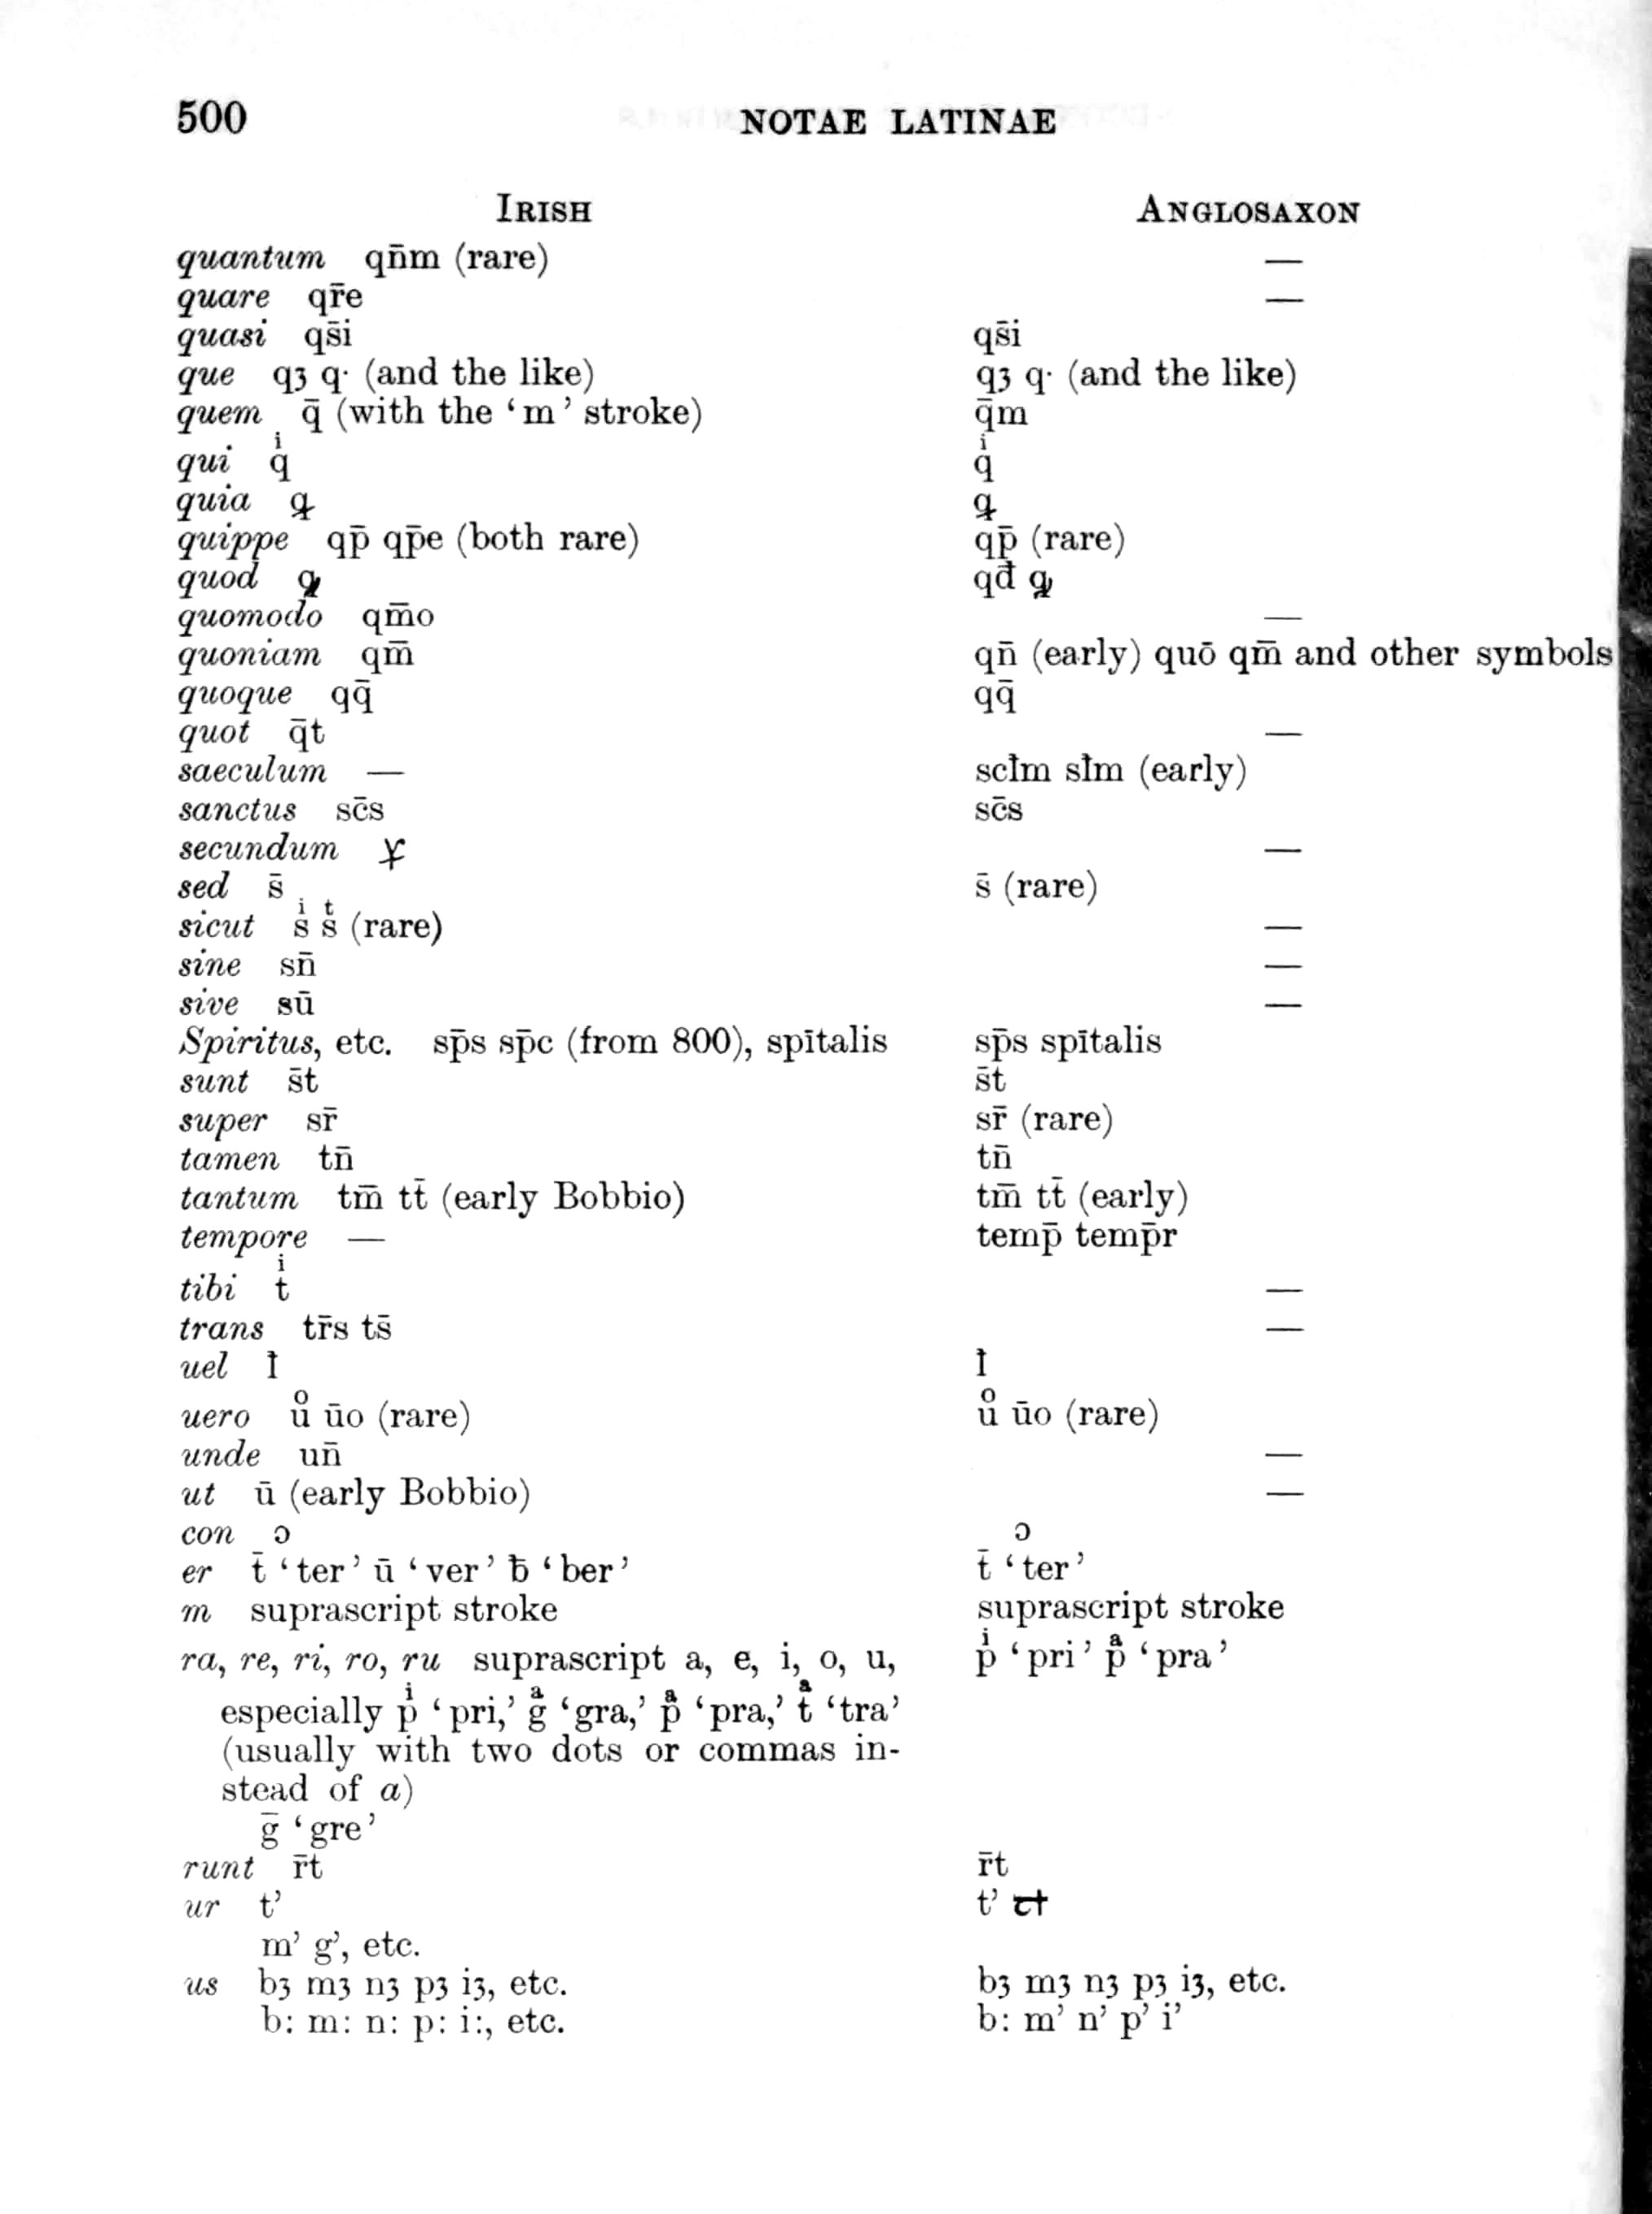 File Notaelatinae 06